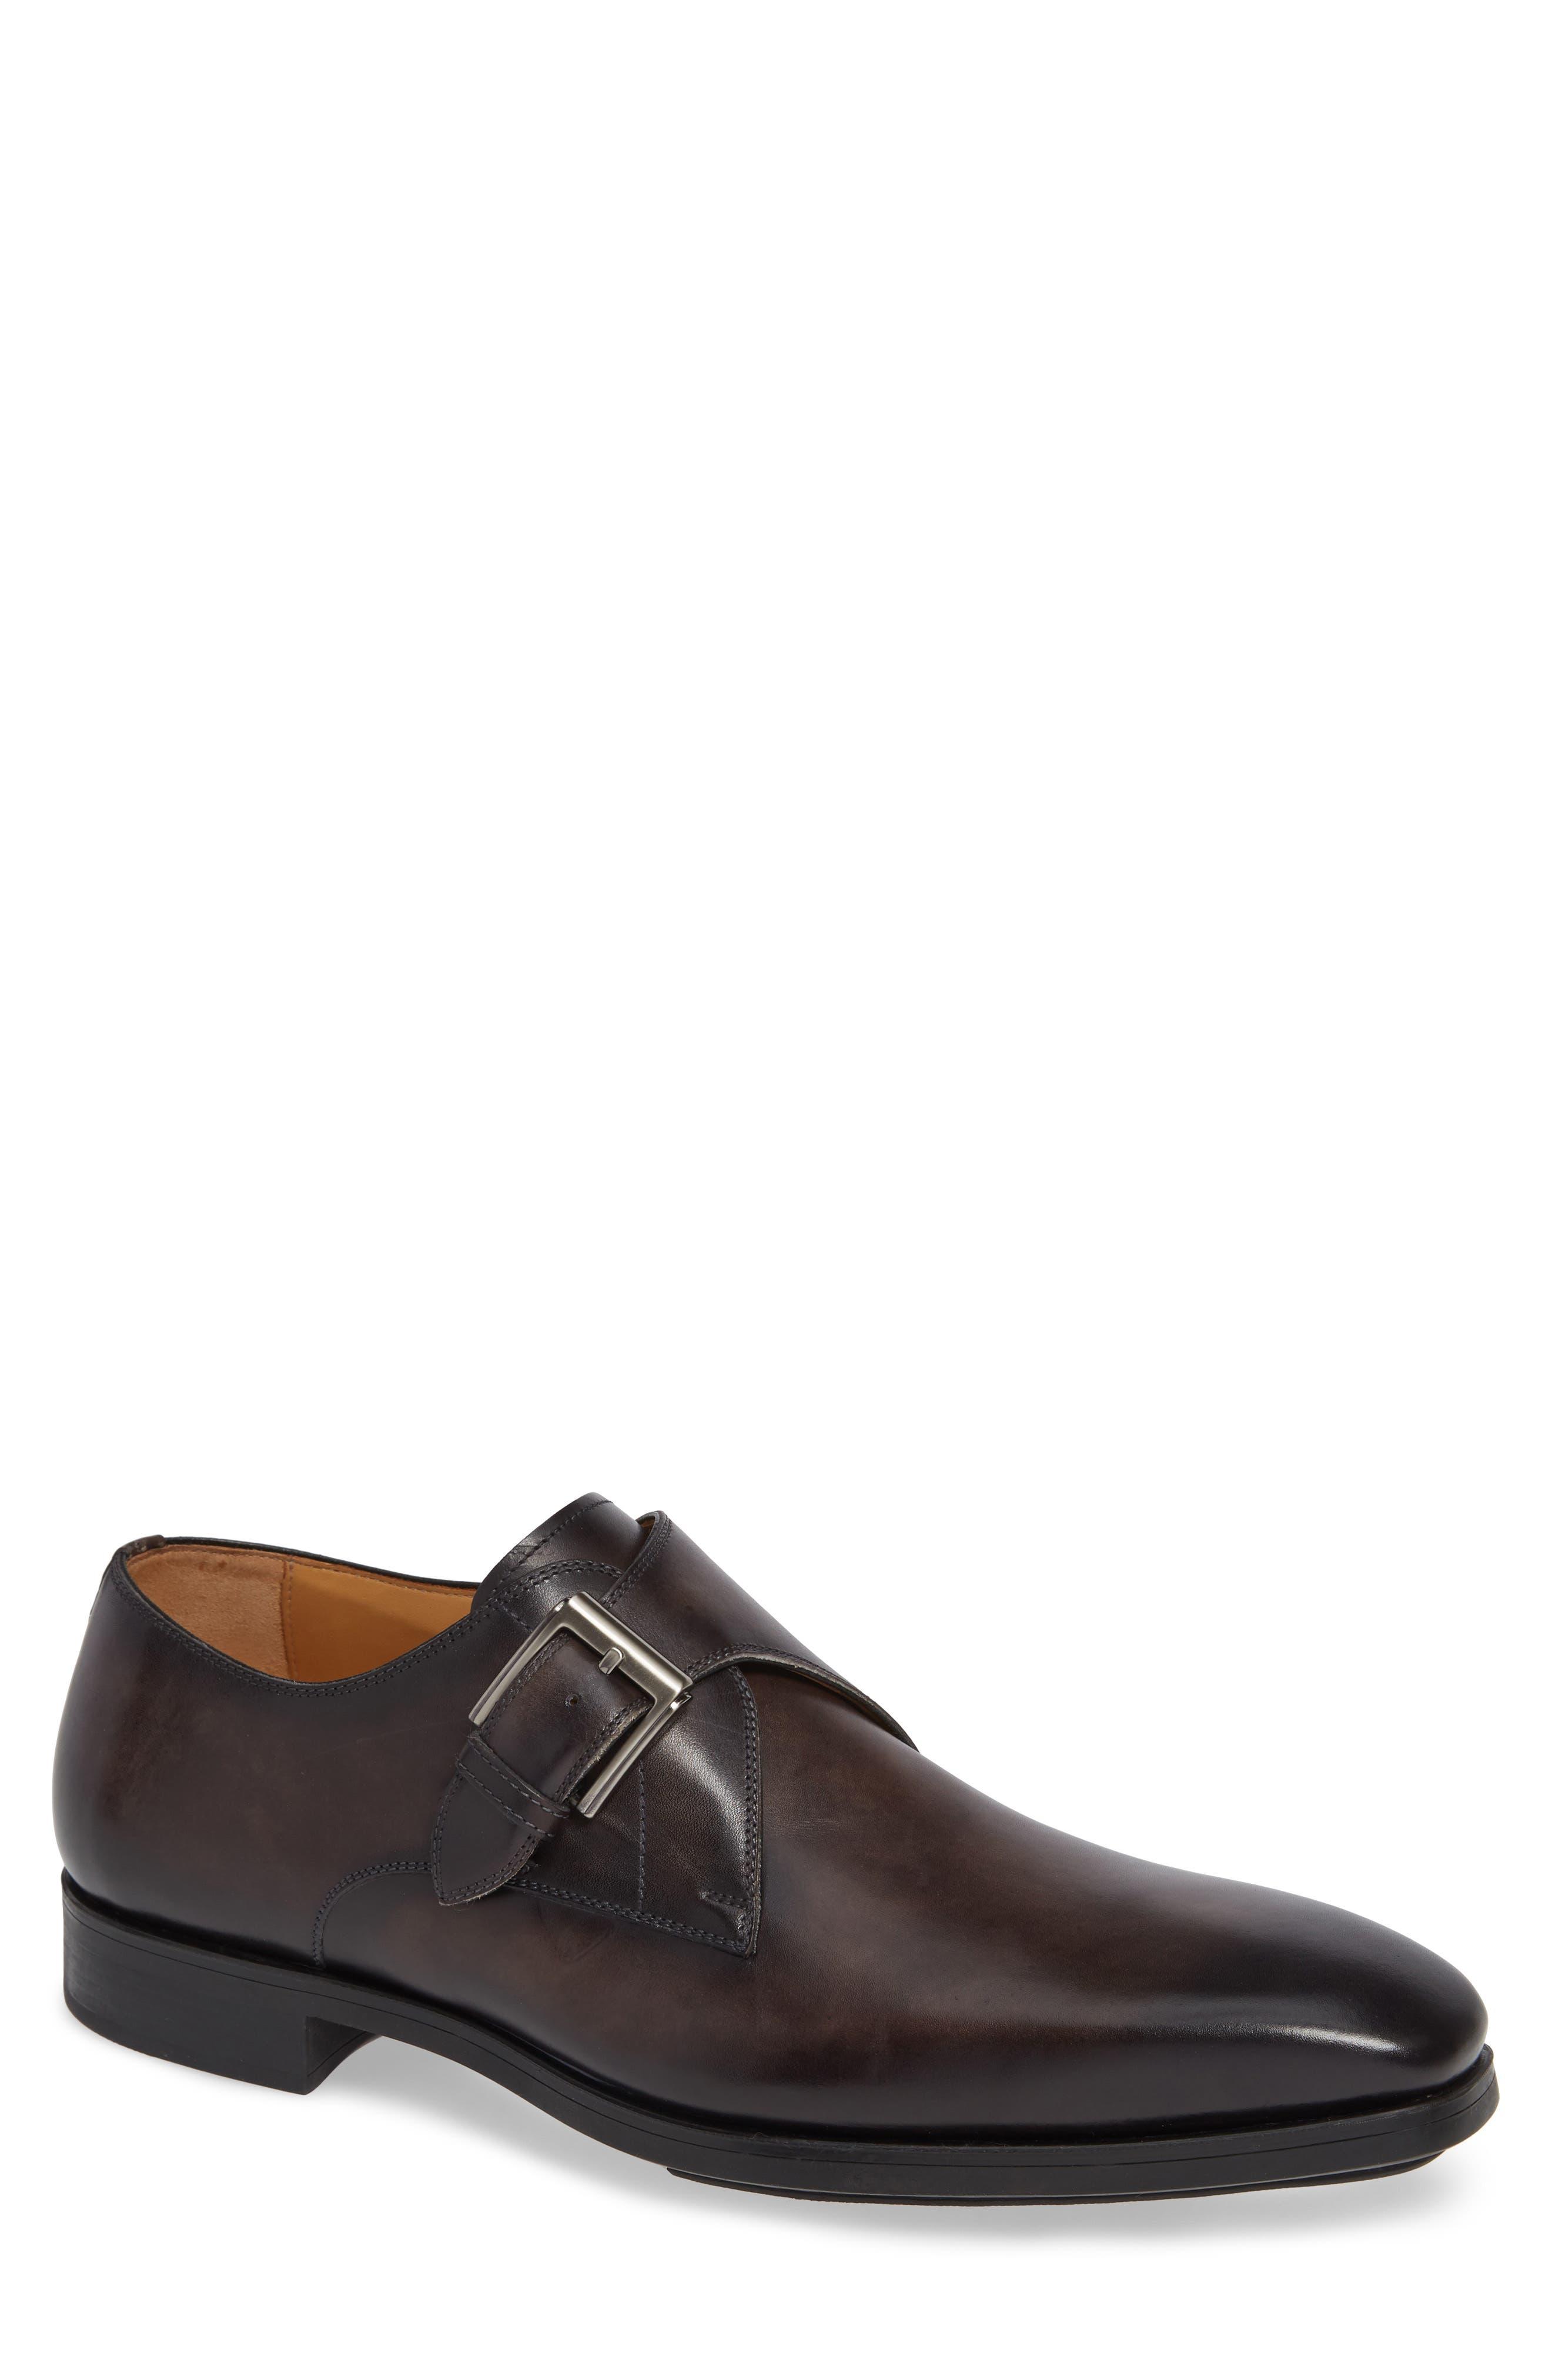 MAGNANNI Roddy Diversa Plain Toe Monk Strap Shoe, Main, color, GREY LEATHER